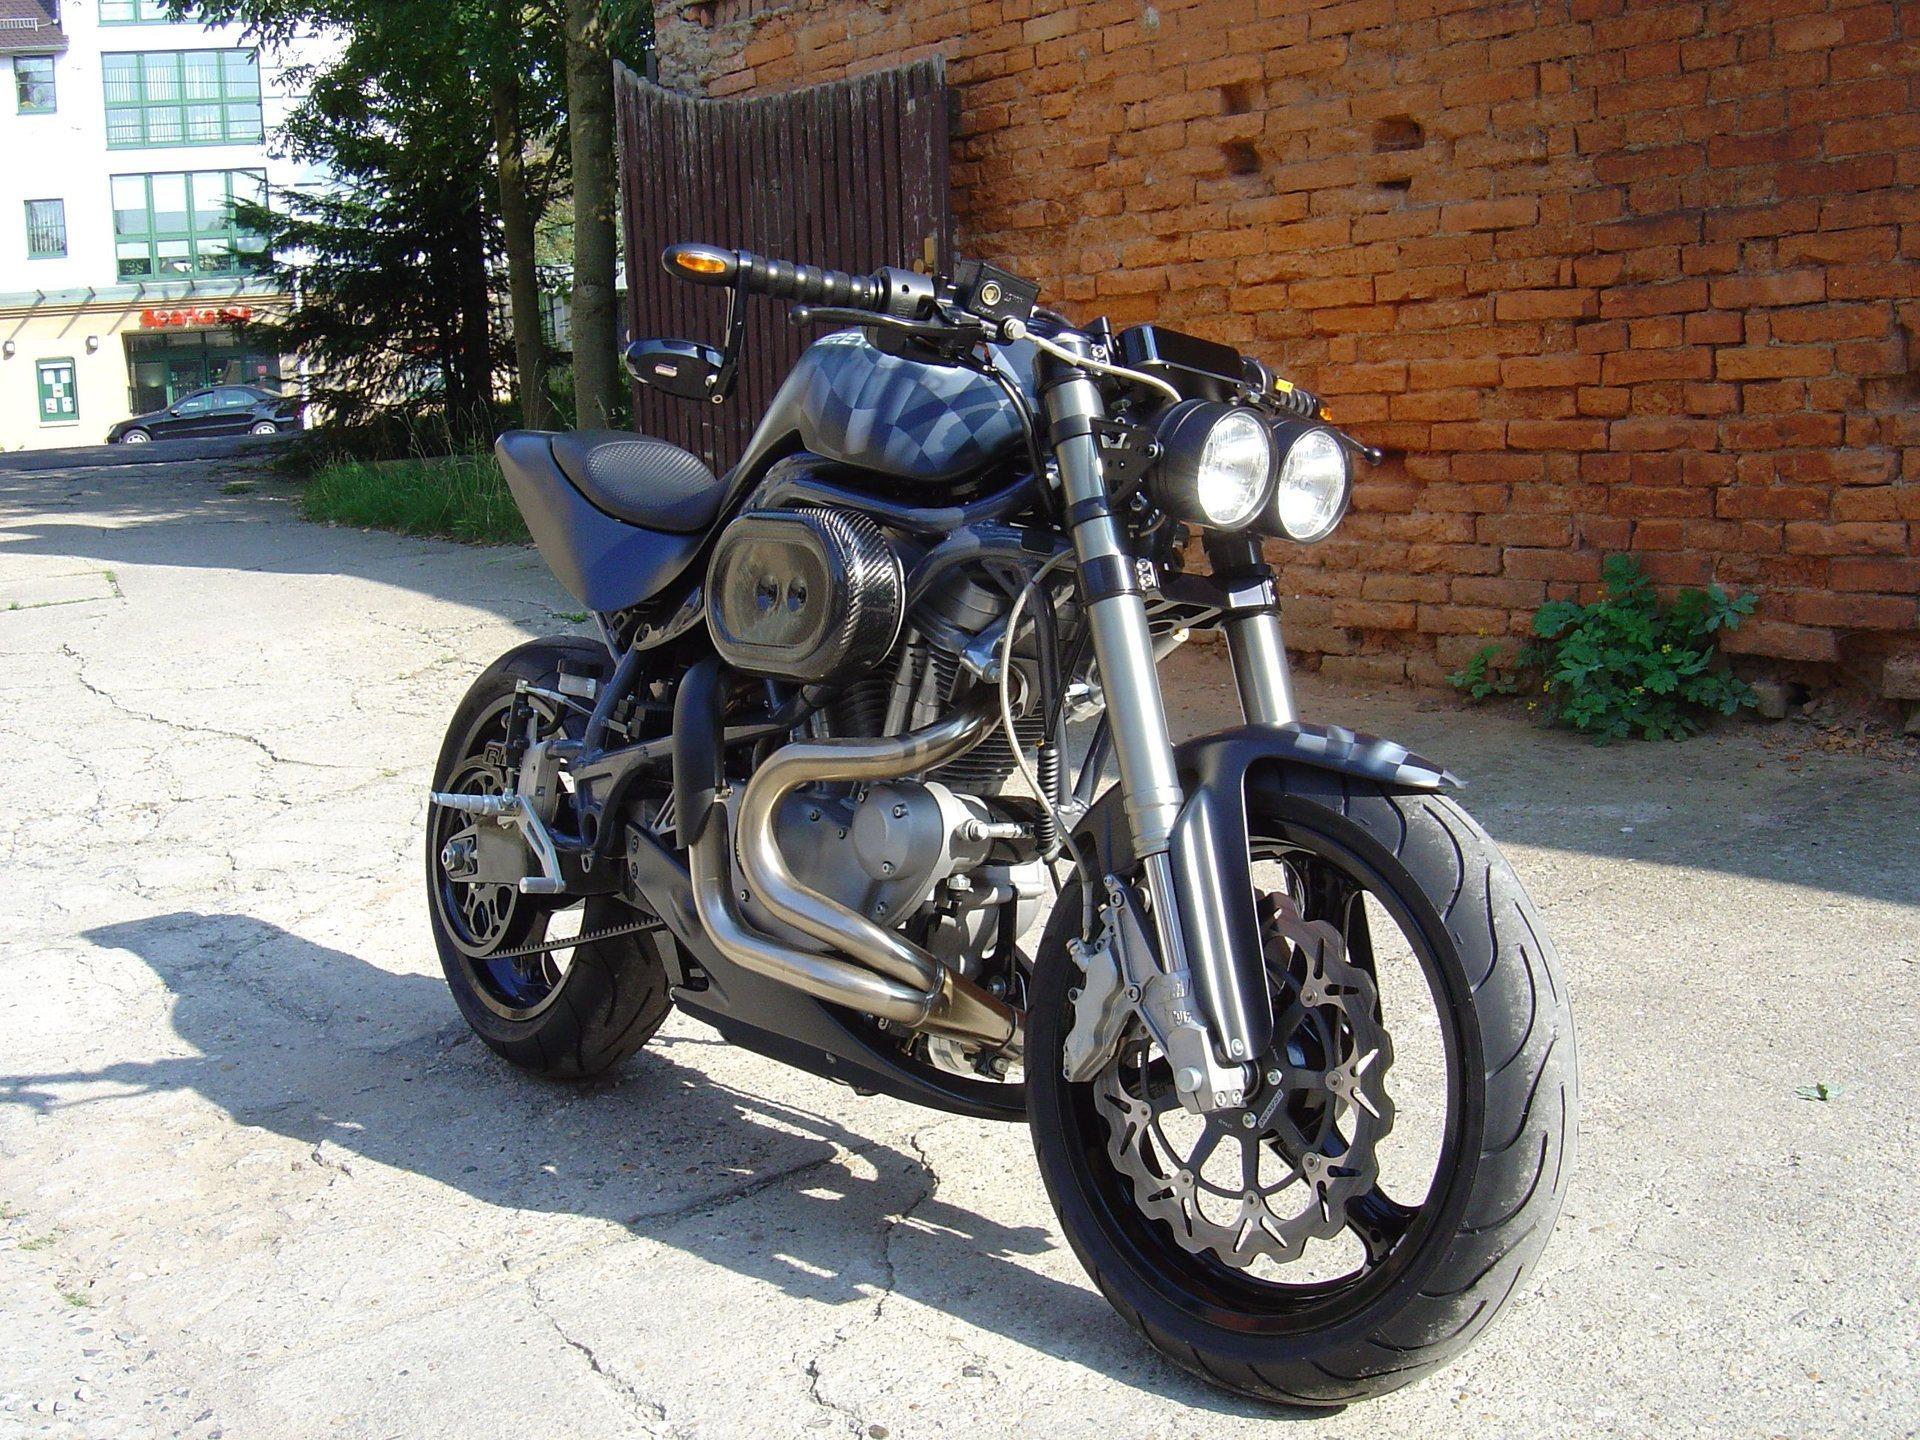 Umgebautes Motorrad Buell Firebolt XB 12R von alex5609